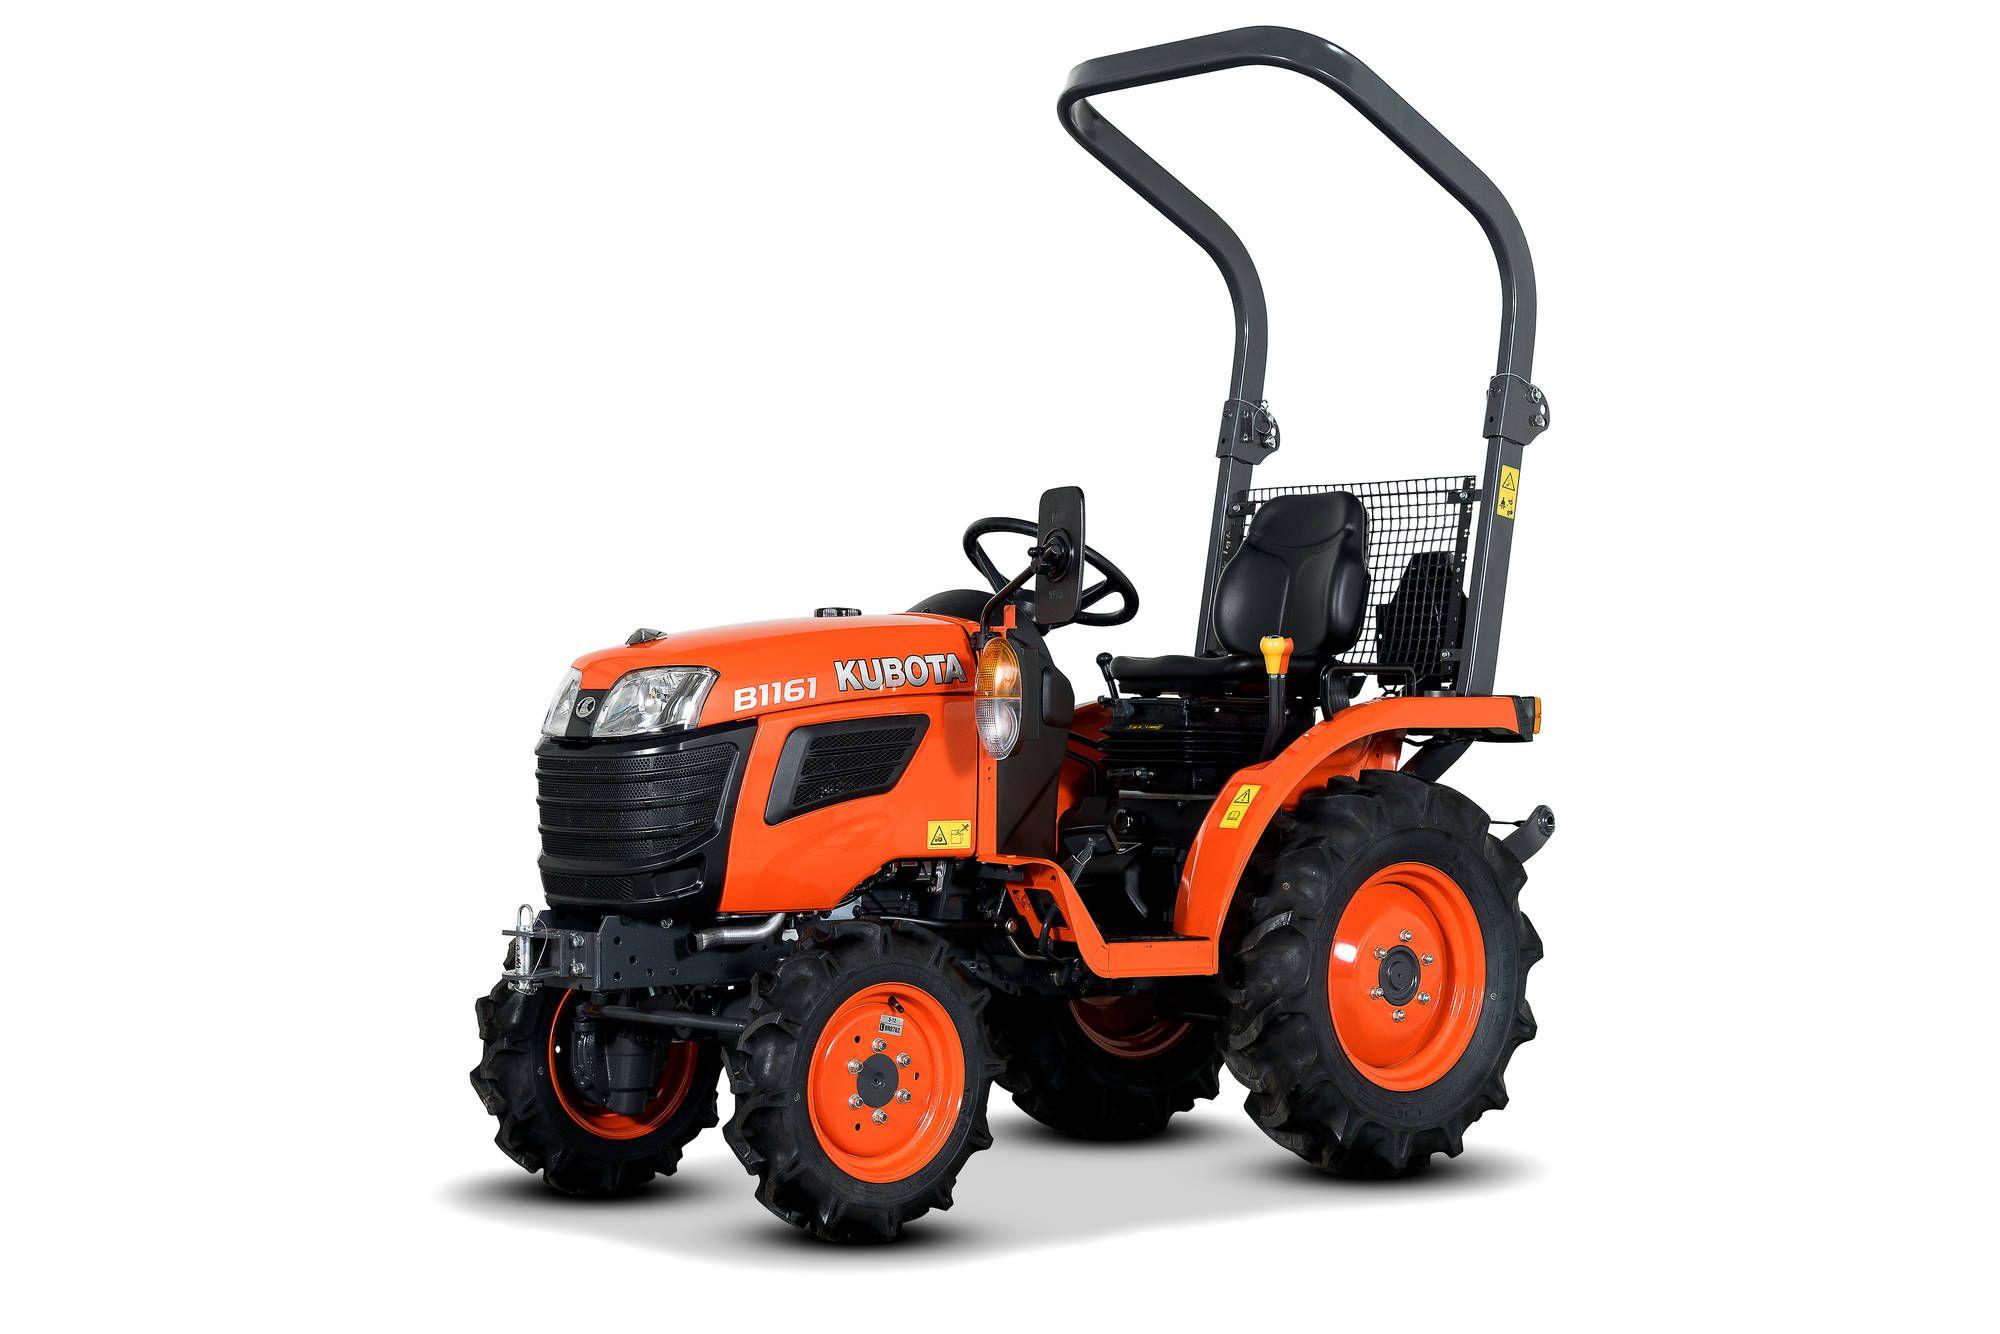 Traktor Kubota B1181